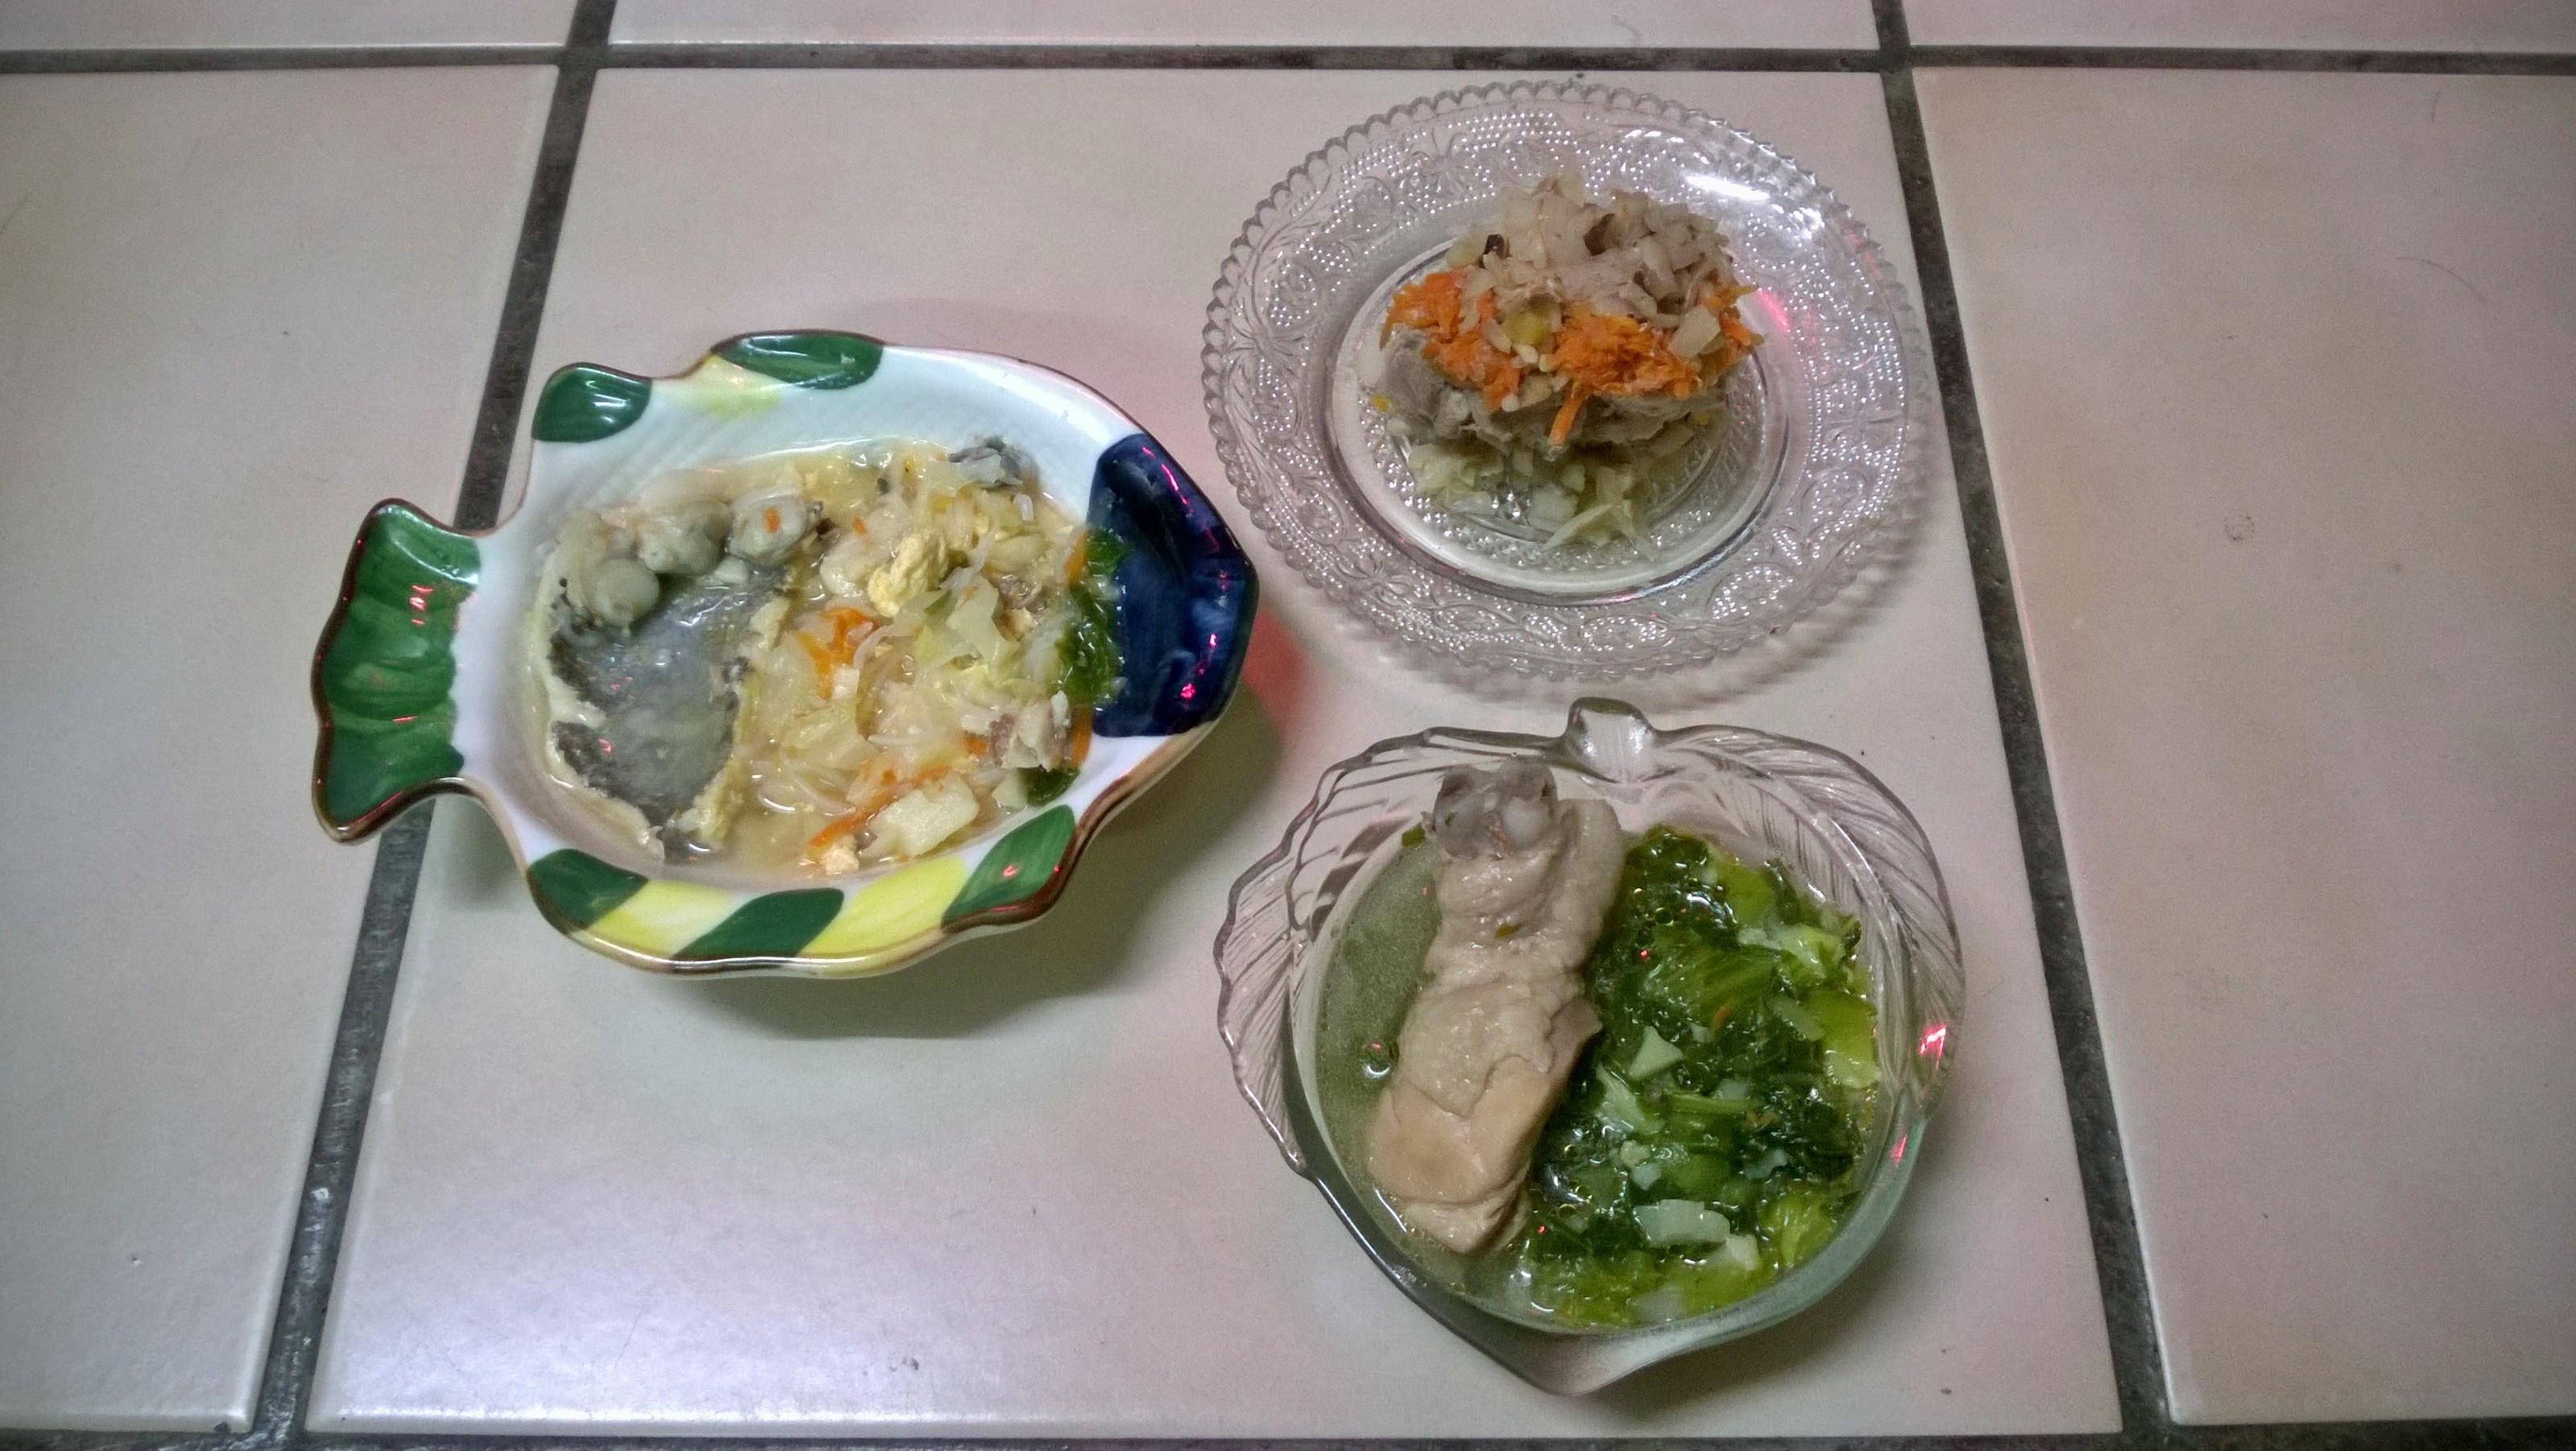 鮮食🐾海鮮蒟蒻湯 牛蒡飯 長年菜雞湯